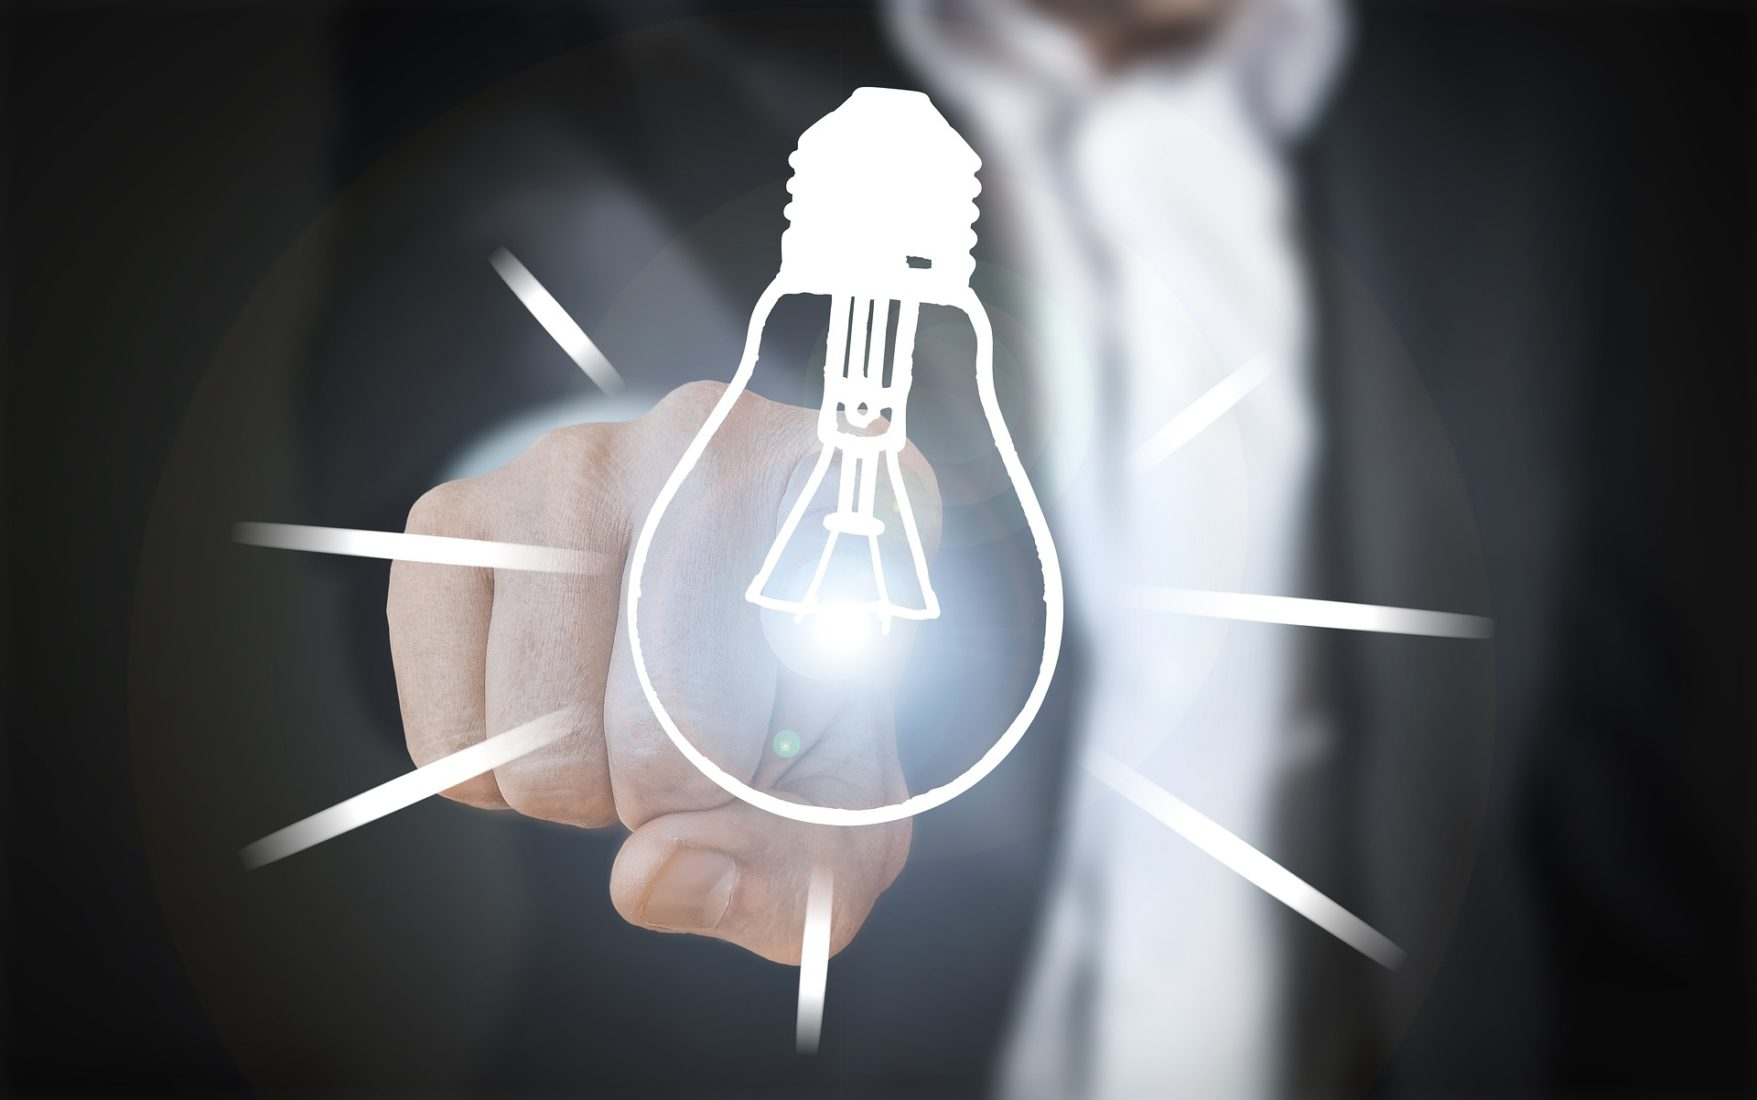 Betriebe mit höherem Digitalisierungsgrad bieten mehr Weiterbildungen an. Foto: Pixabay